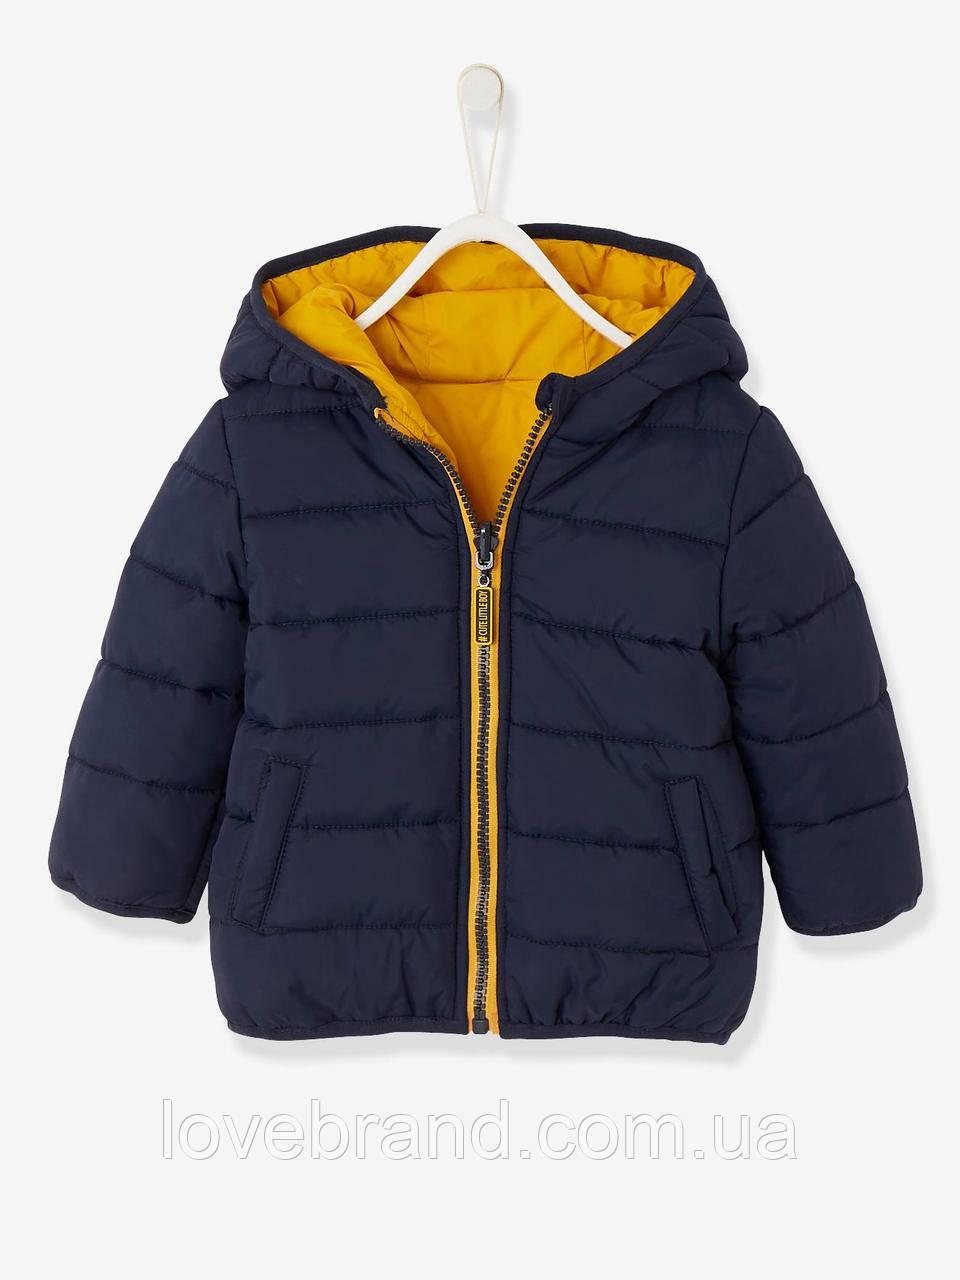 Детская демисезонная курточка для малыша Vertbaudet (Франция)/ синяя / жёлтая 9 мес/71 см